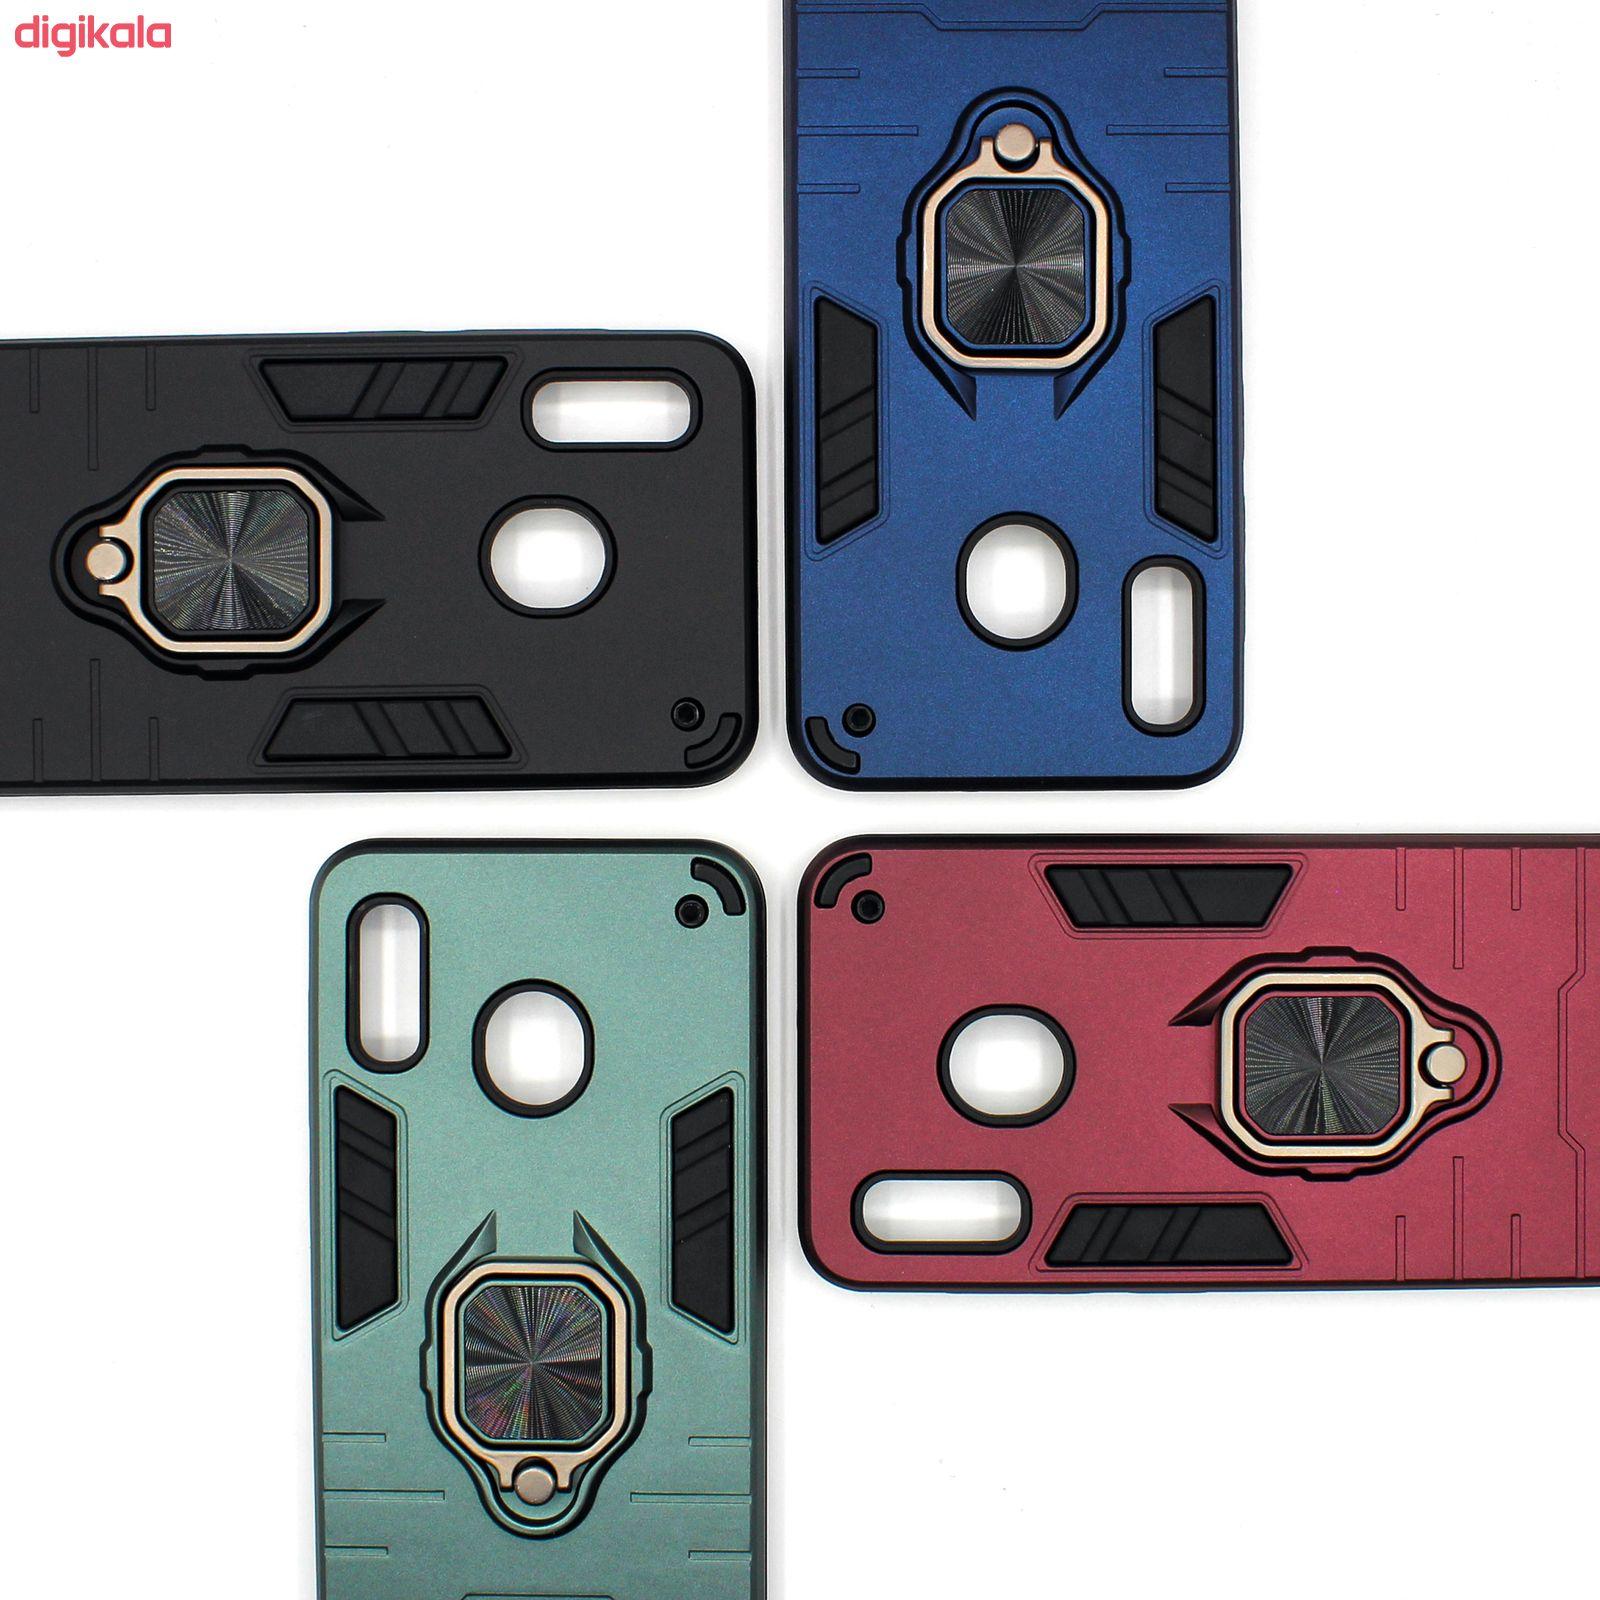 کاور کینگ پاور مدل ASH22 مناسب برای گوشی موبایل سامسونگ Galaxy A20s main 1 8